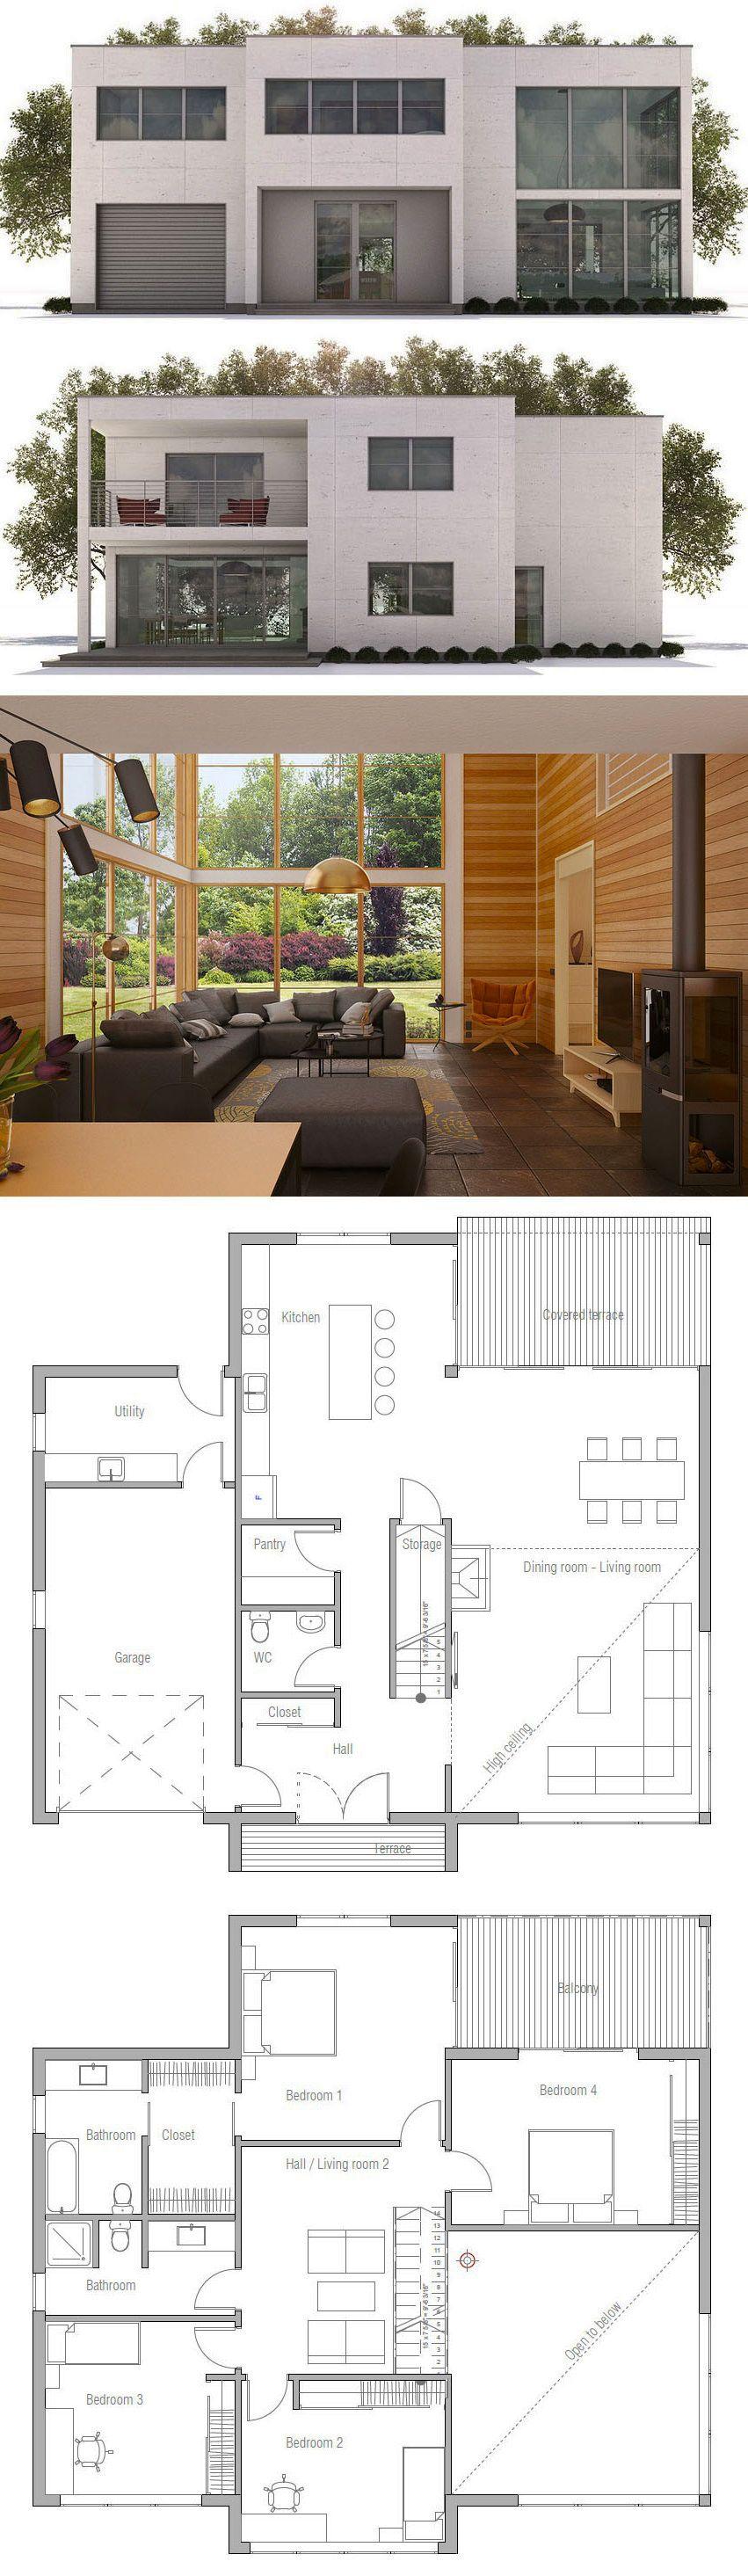 Maison Minimaliste Plan De Maison Maisons Minimalistes In 2018